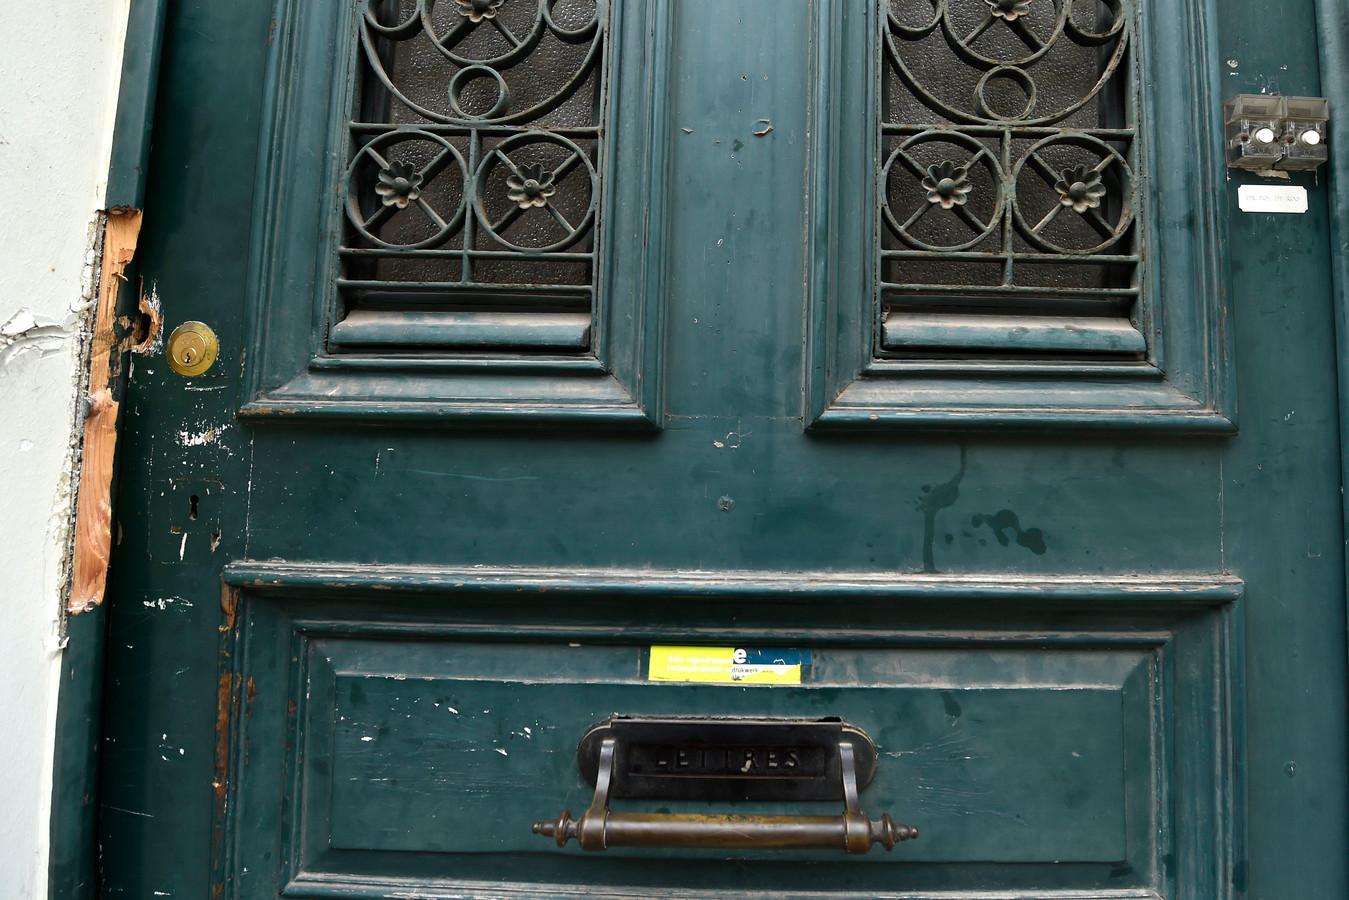 Een huis in de Gentse Holstraat werd in maart 2017 door Roma gekraakt. Het slot werd daarbij geforceerd.  De jonge eigenaars van de woning verbleven op dat moment in het buitenland en werden door buren ingelicht.